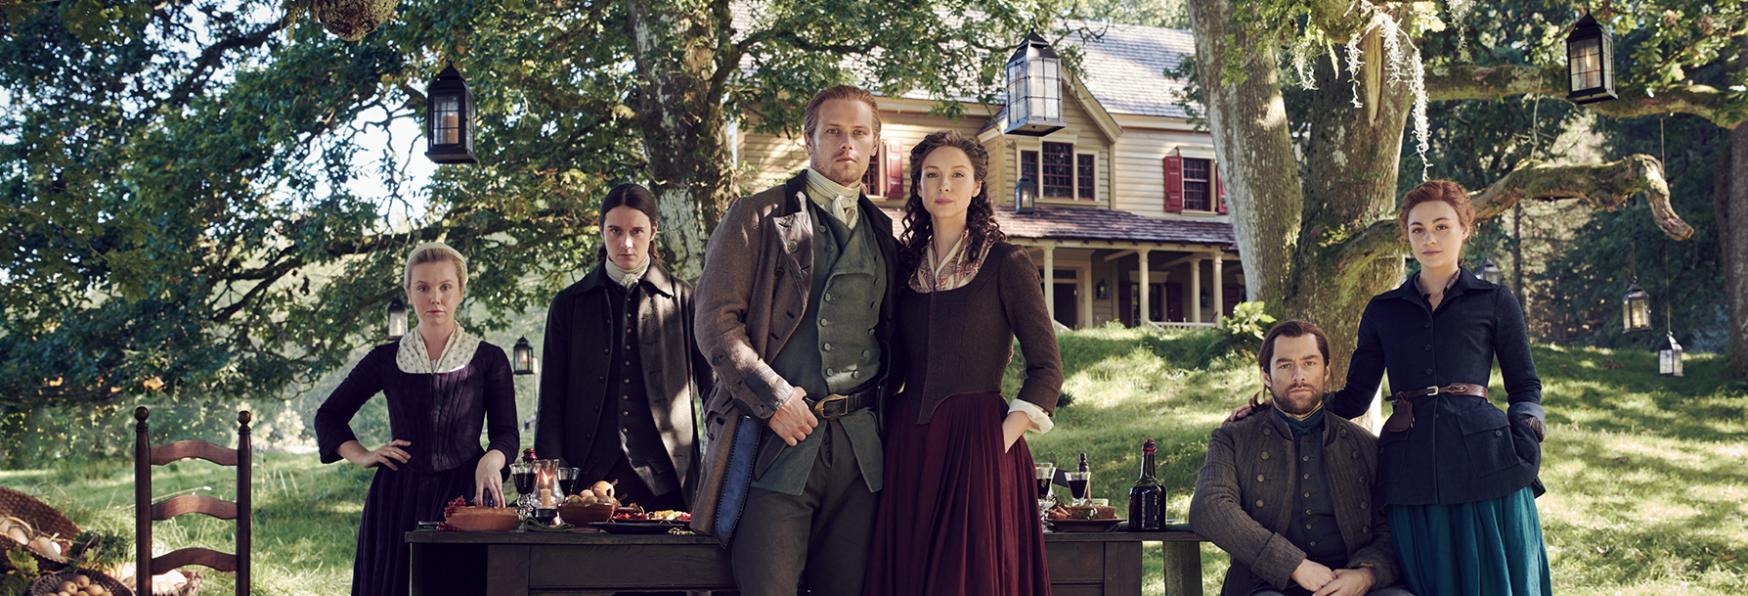 Outlander 5: Recensione della Premiere e Prime Impressioni sulla nuova Stagione della Serie TV Starz